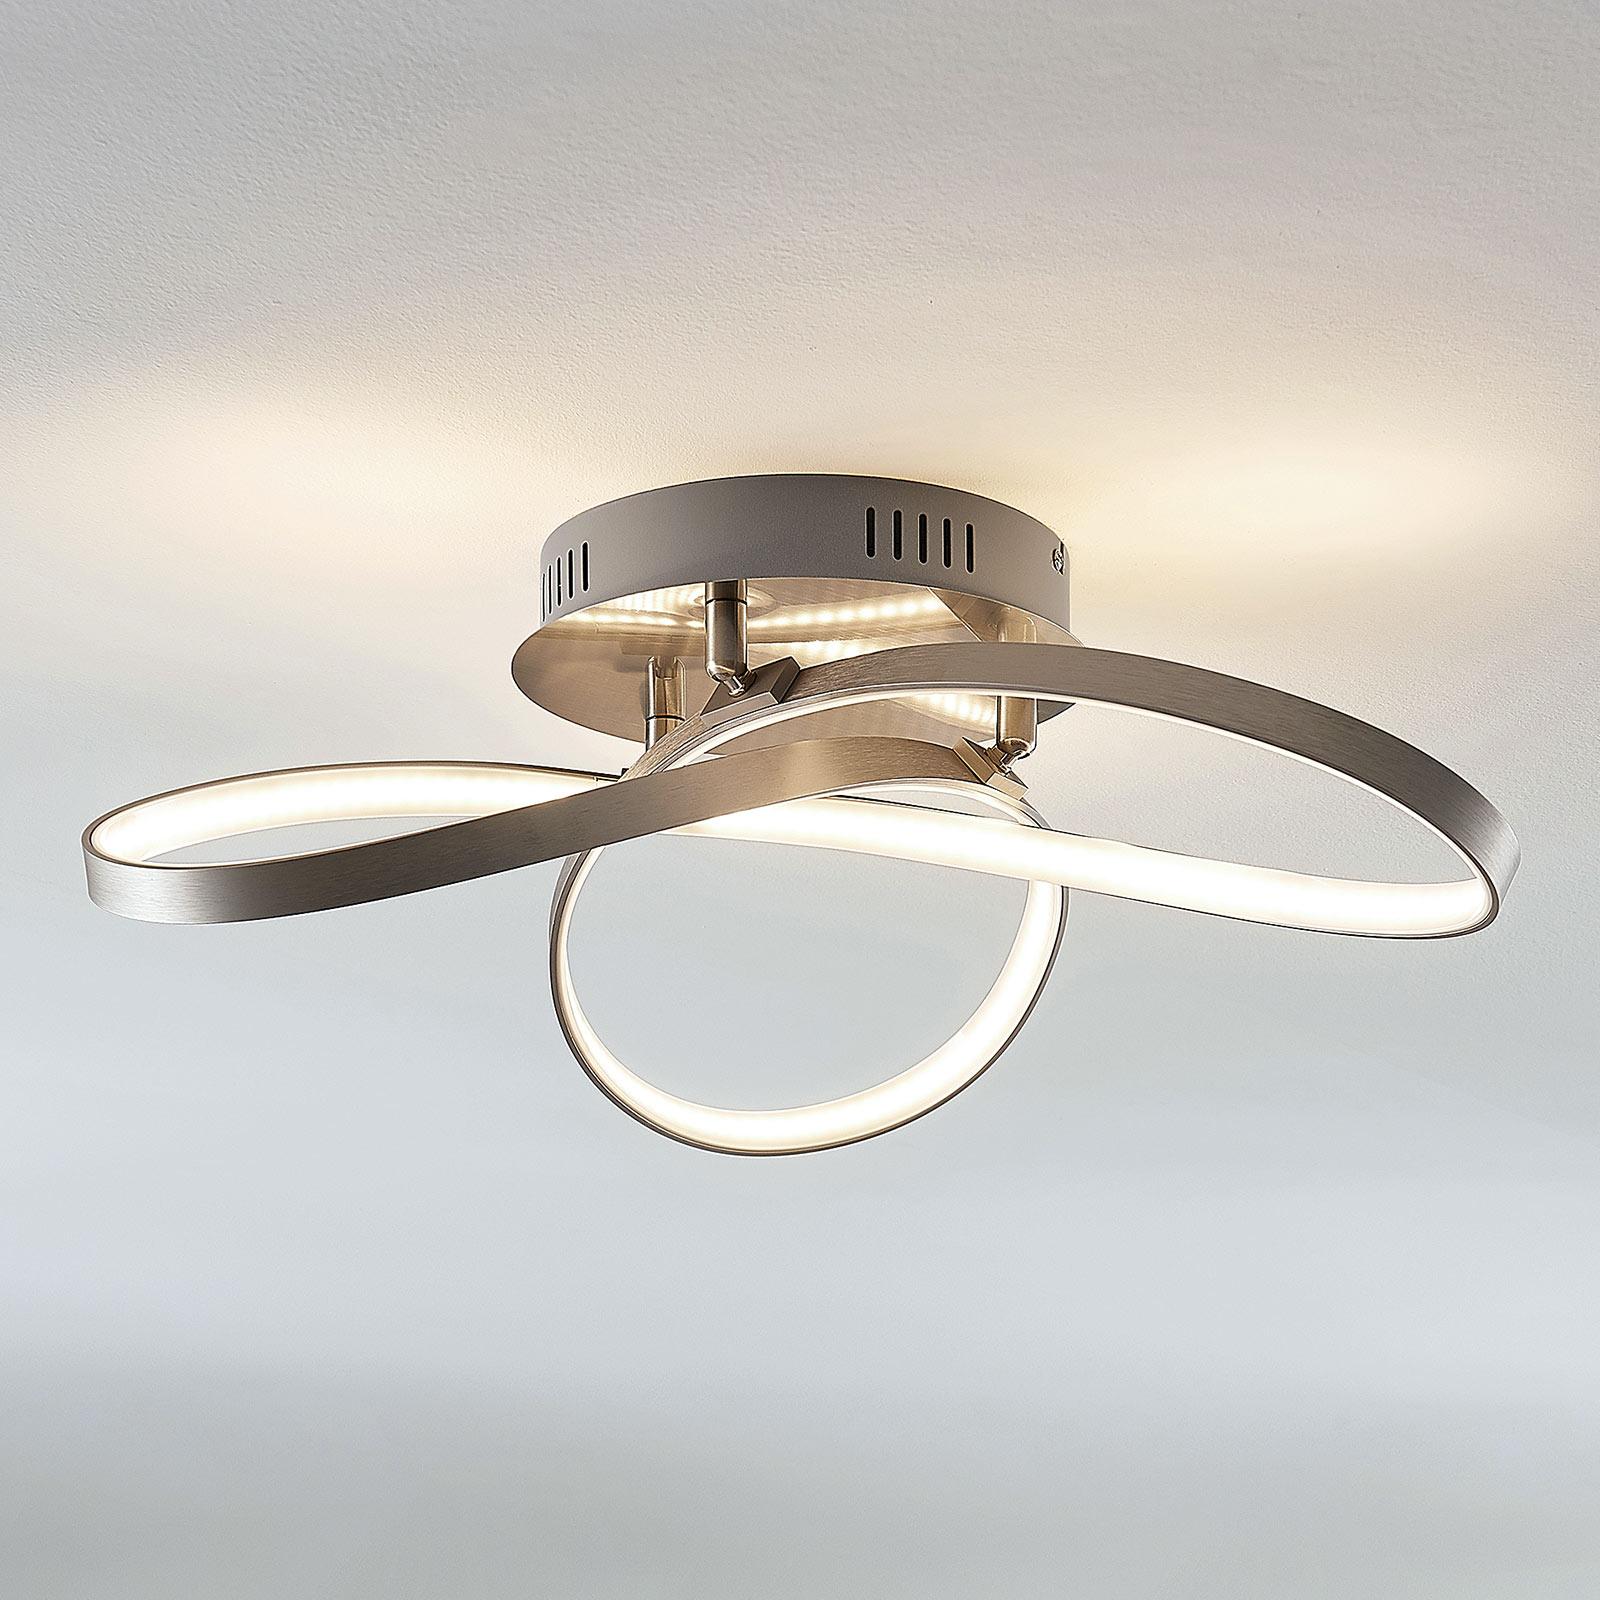 LED stropní svítidlo Saliha s moderním tvarem